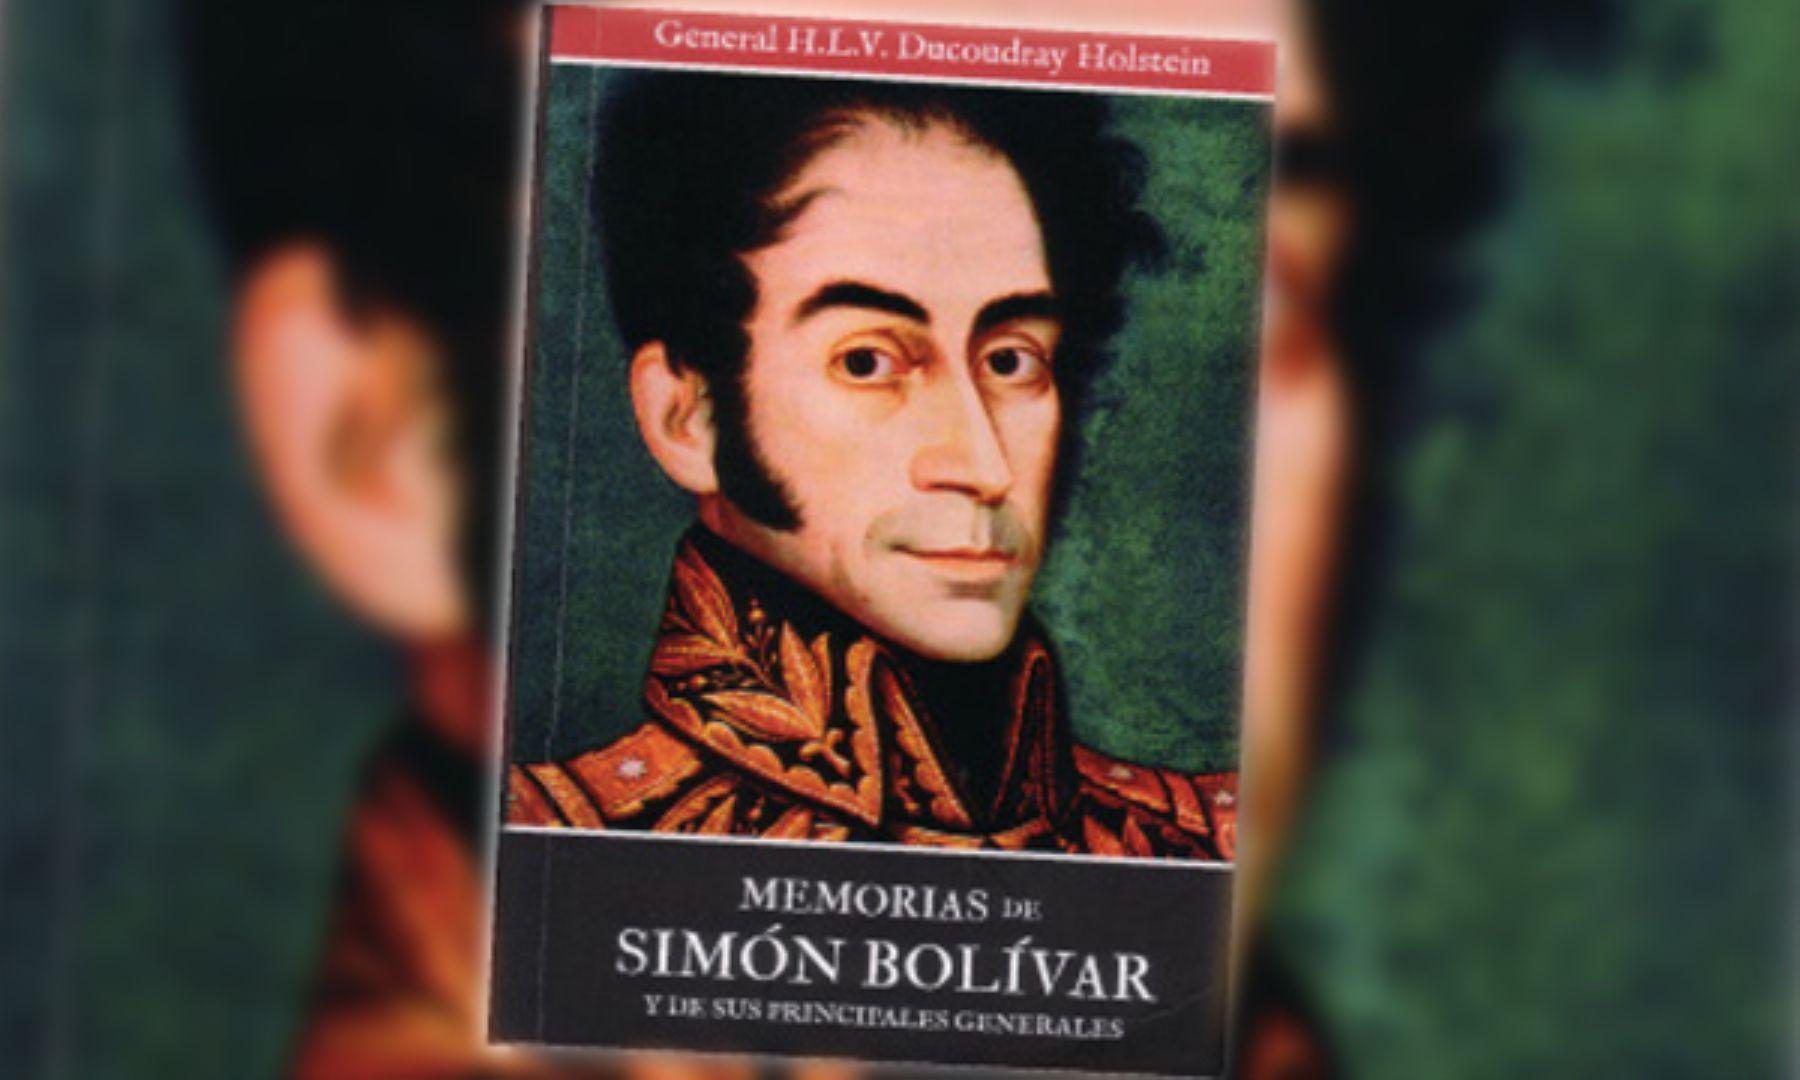 Libro Memorias de Simón Bolívar y de sus principales generales, escrito en 1823, recién se edita en español.